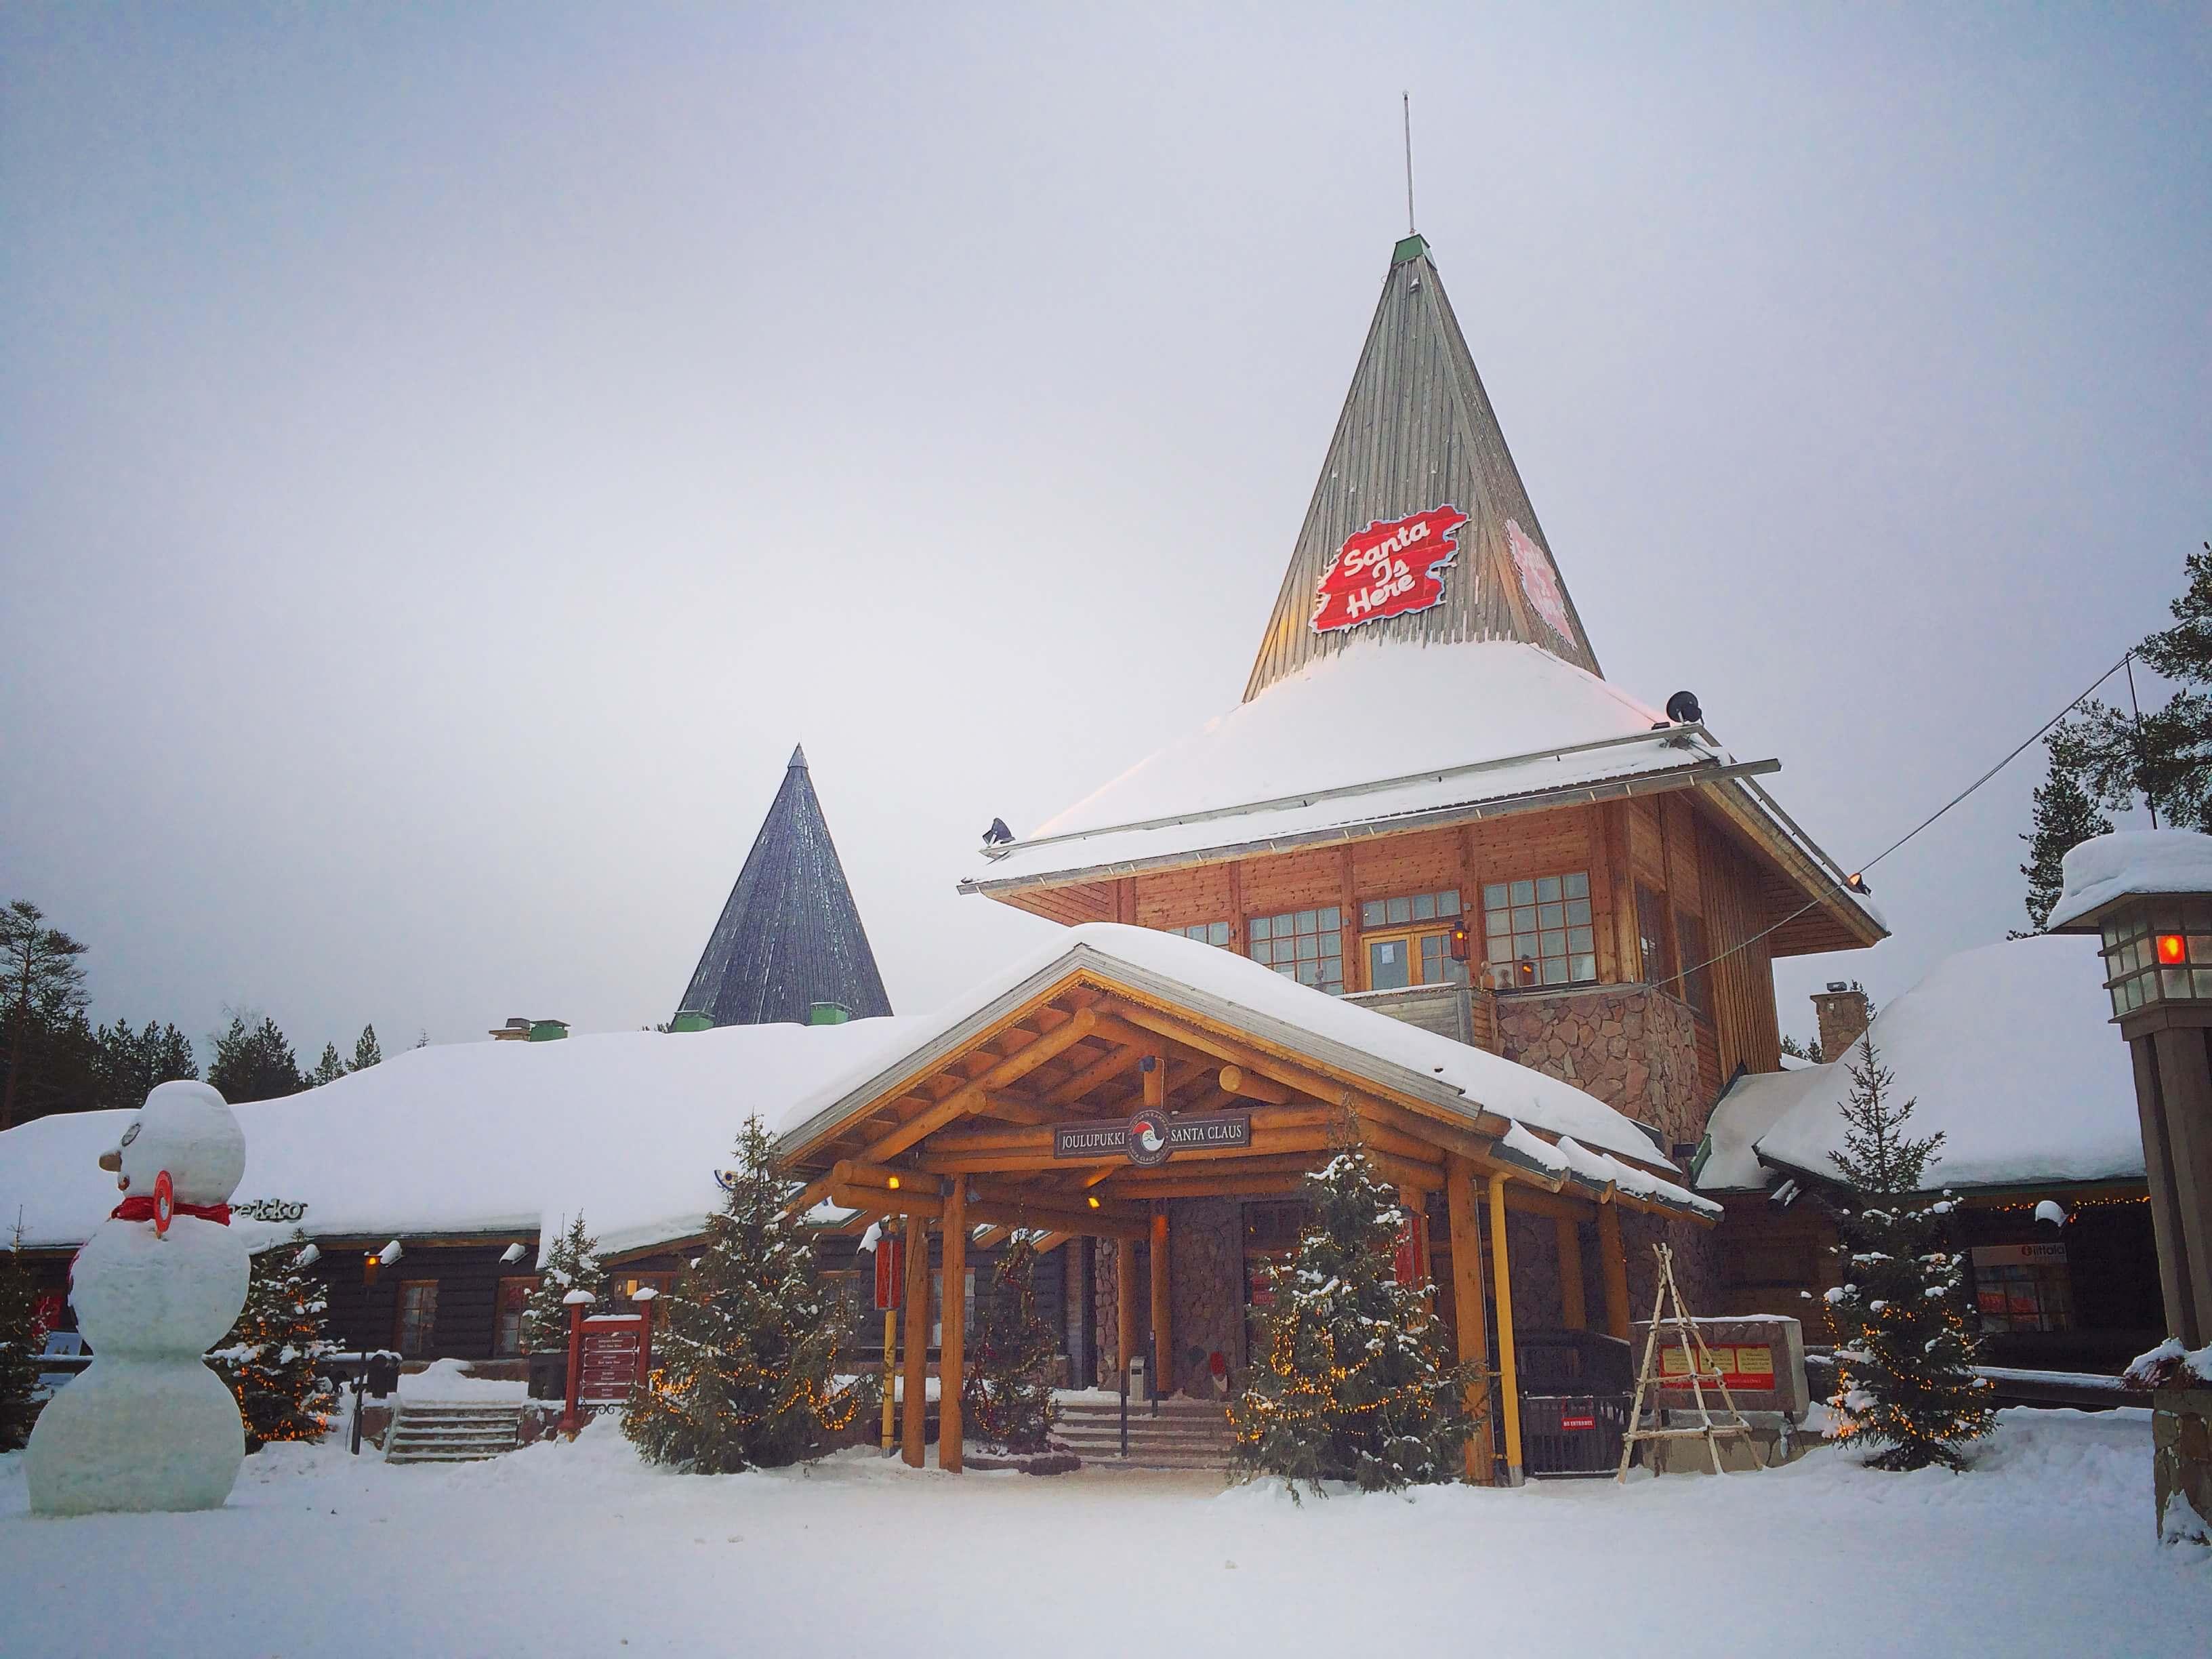 כפר סנטה קלאוס